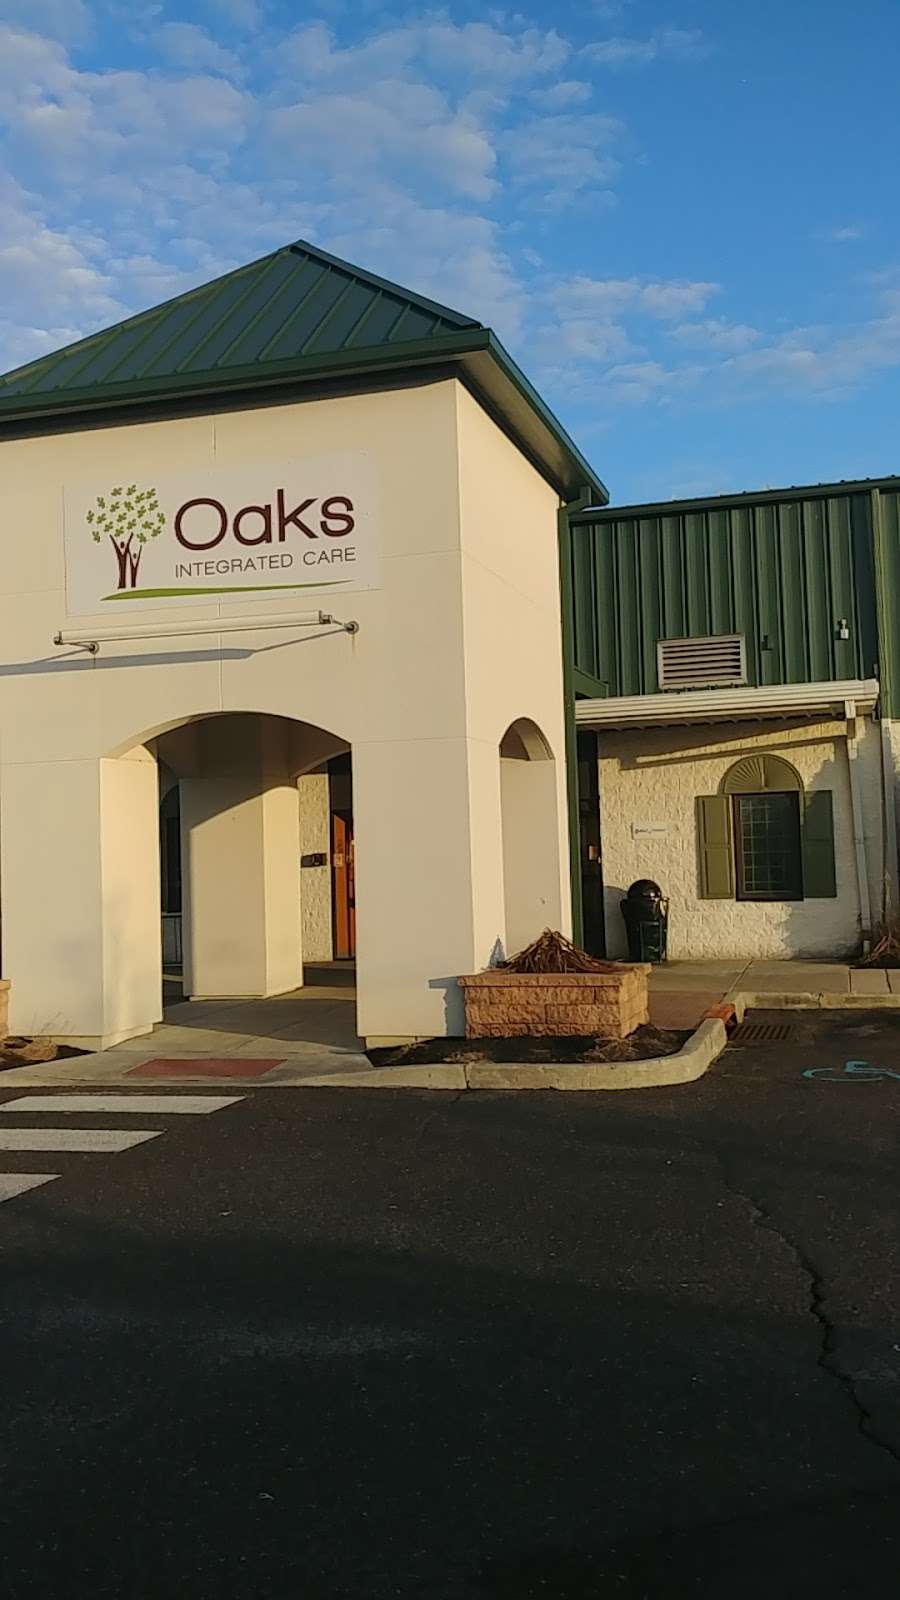 Oaks Integrated Care 128 Berlin Cross Keys Rd Berlin Nj 08009